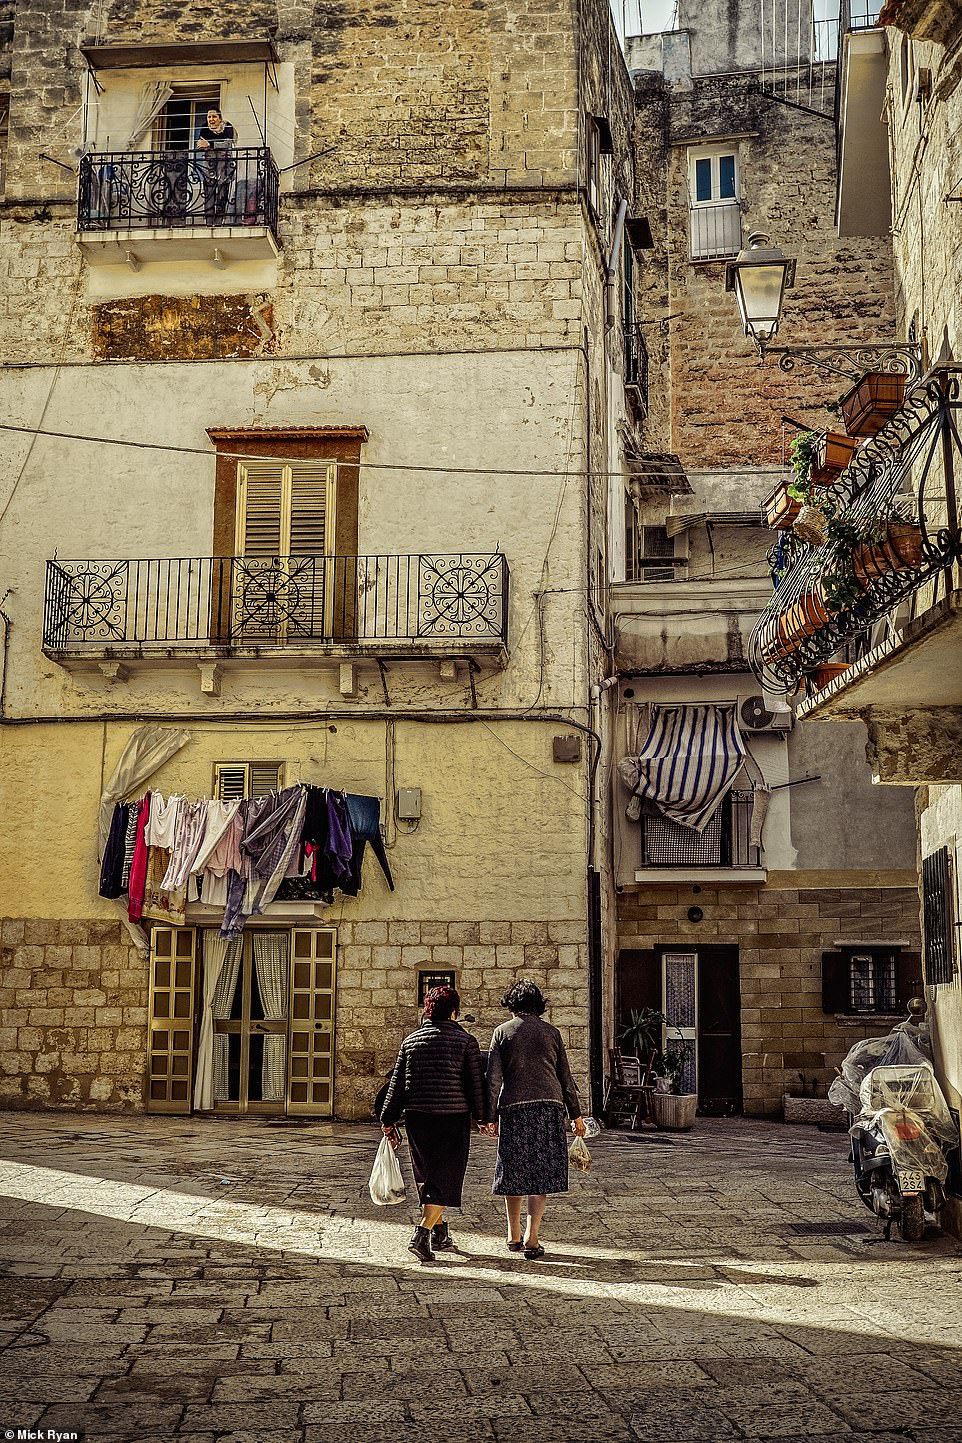 Nhiếp ảnh gia Mick Ryan đã chụp được cảnh tượng quyến rũ này của hai người phụ nữ đang đi mua hàng tạp hóa về ở thành phố Bari, miền nam nước Ý. Bức ảnh lọt vào vòng chung kết ở hạng mục thành phố.